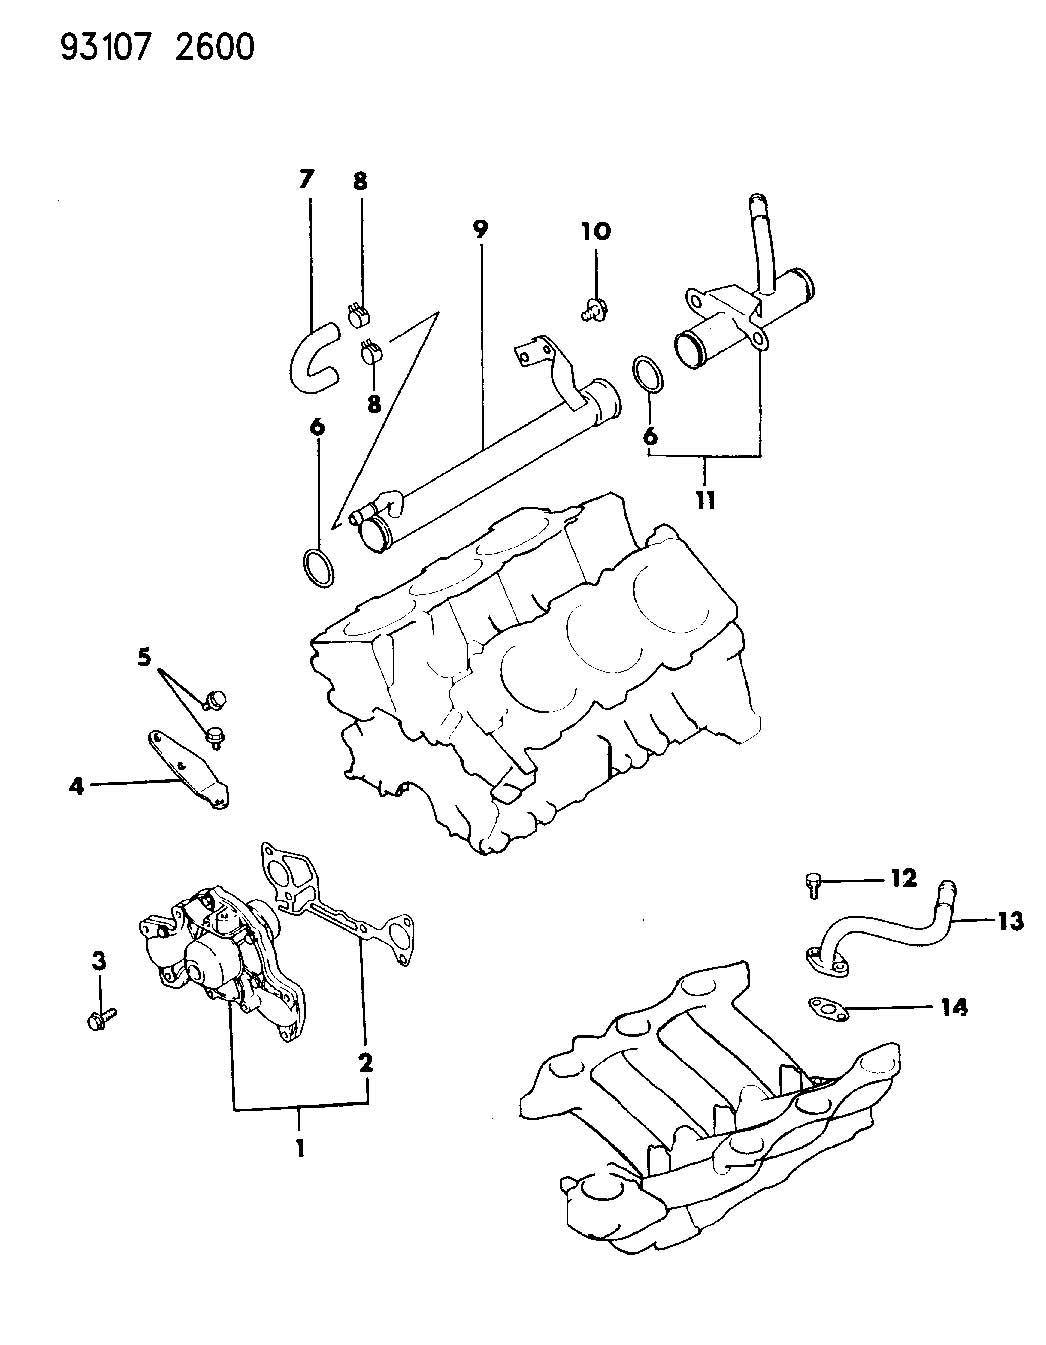 1993 Chrysler Lebaron 3.0L V6 SMPI, 4-Speed Automatic